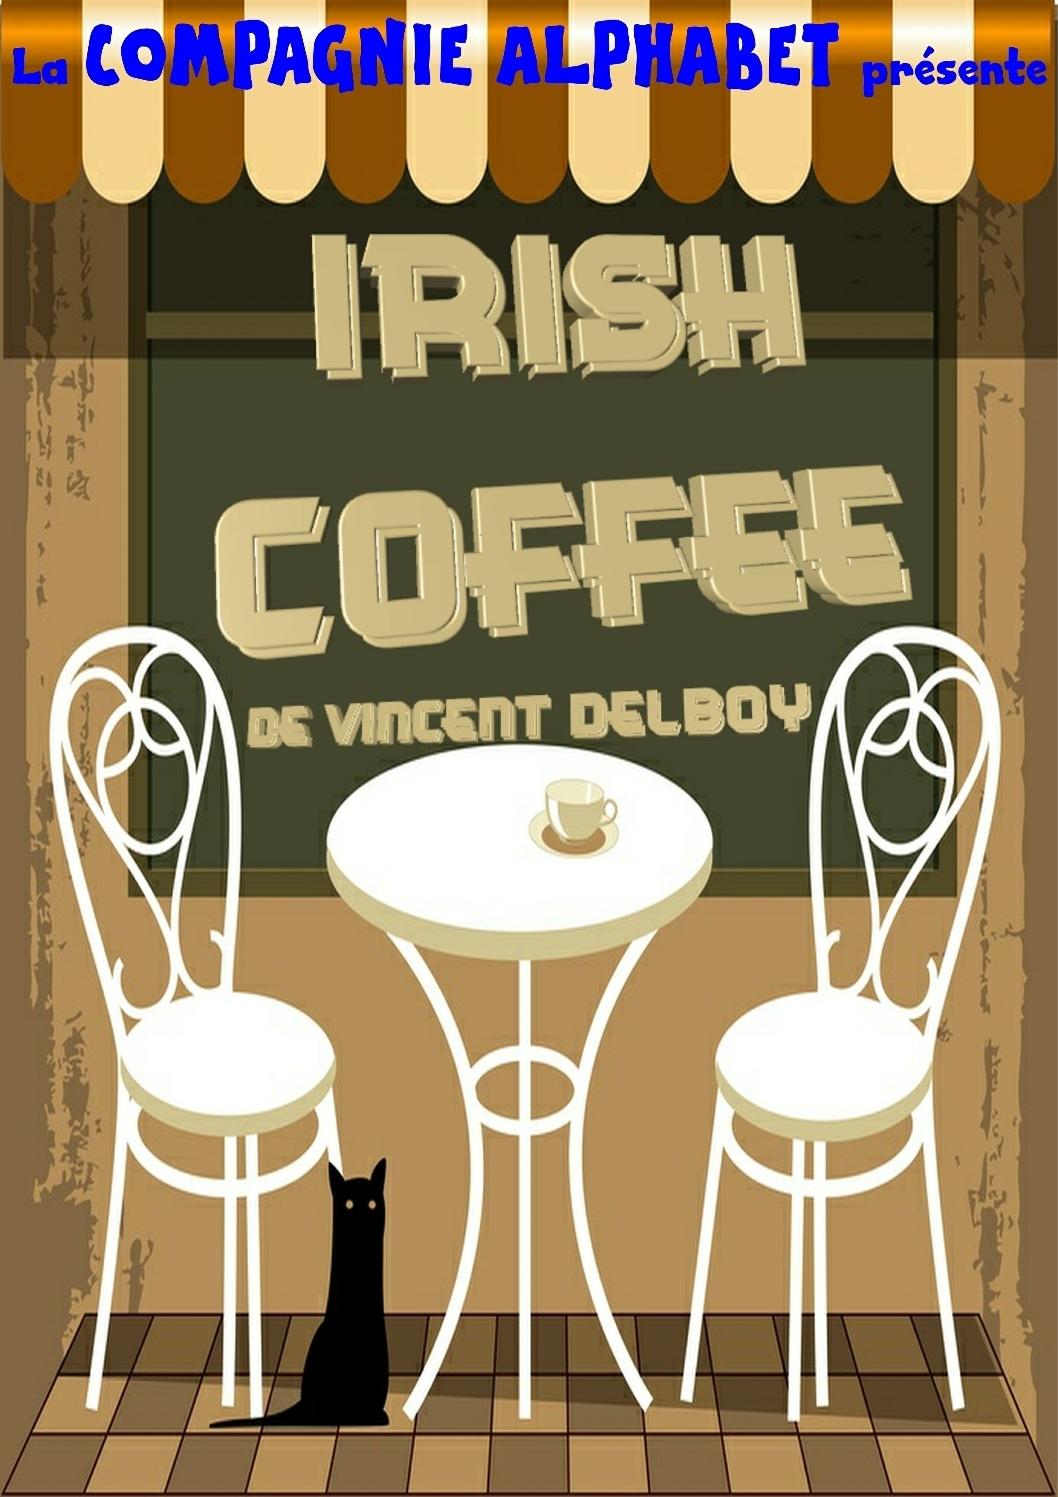 IRISH COFFEE, DE VINCENT DELBOY NICE